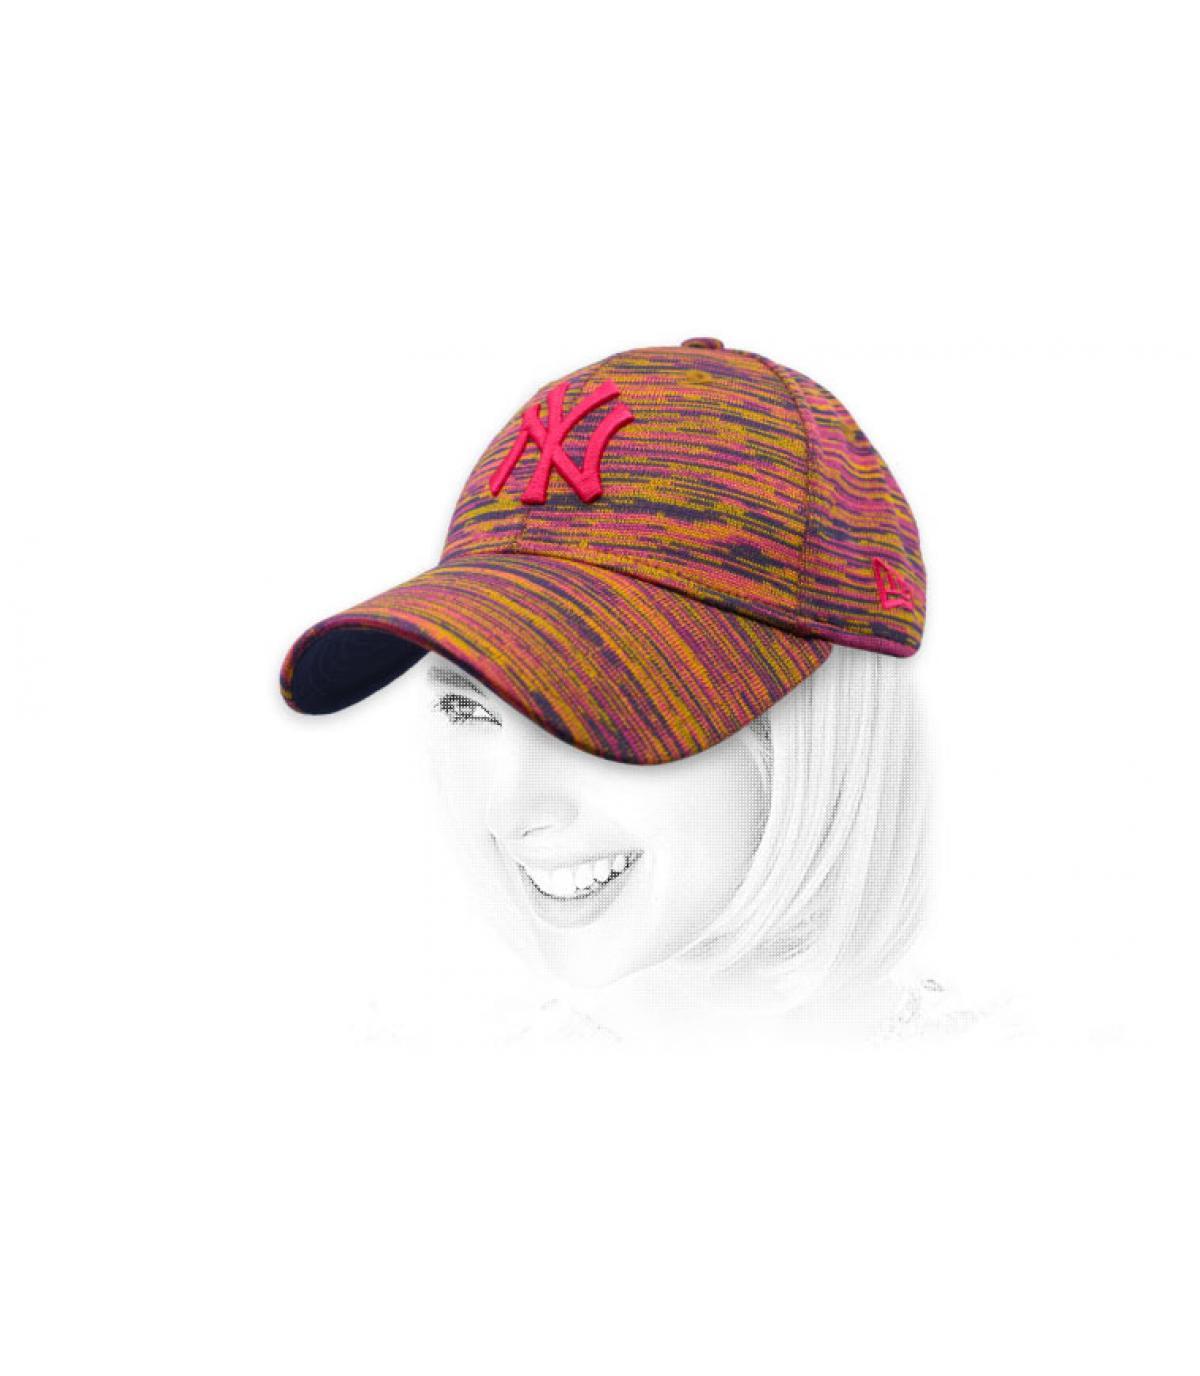 NY donna berretto beige bordeaux